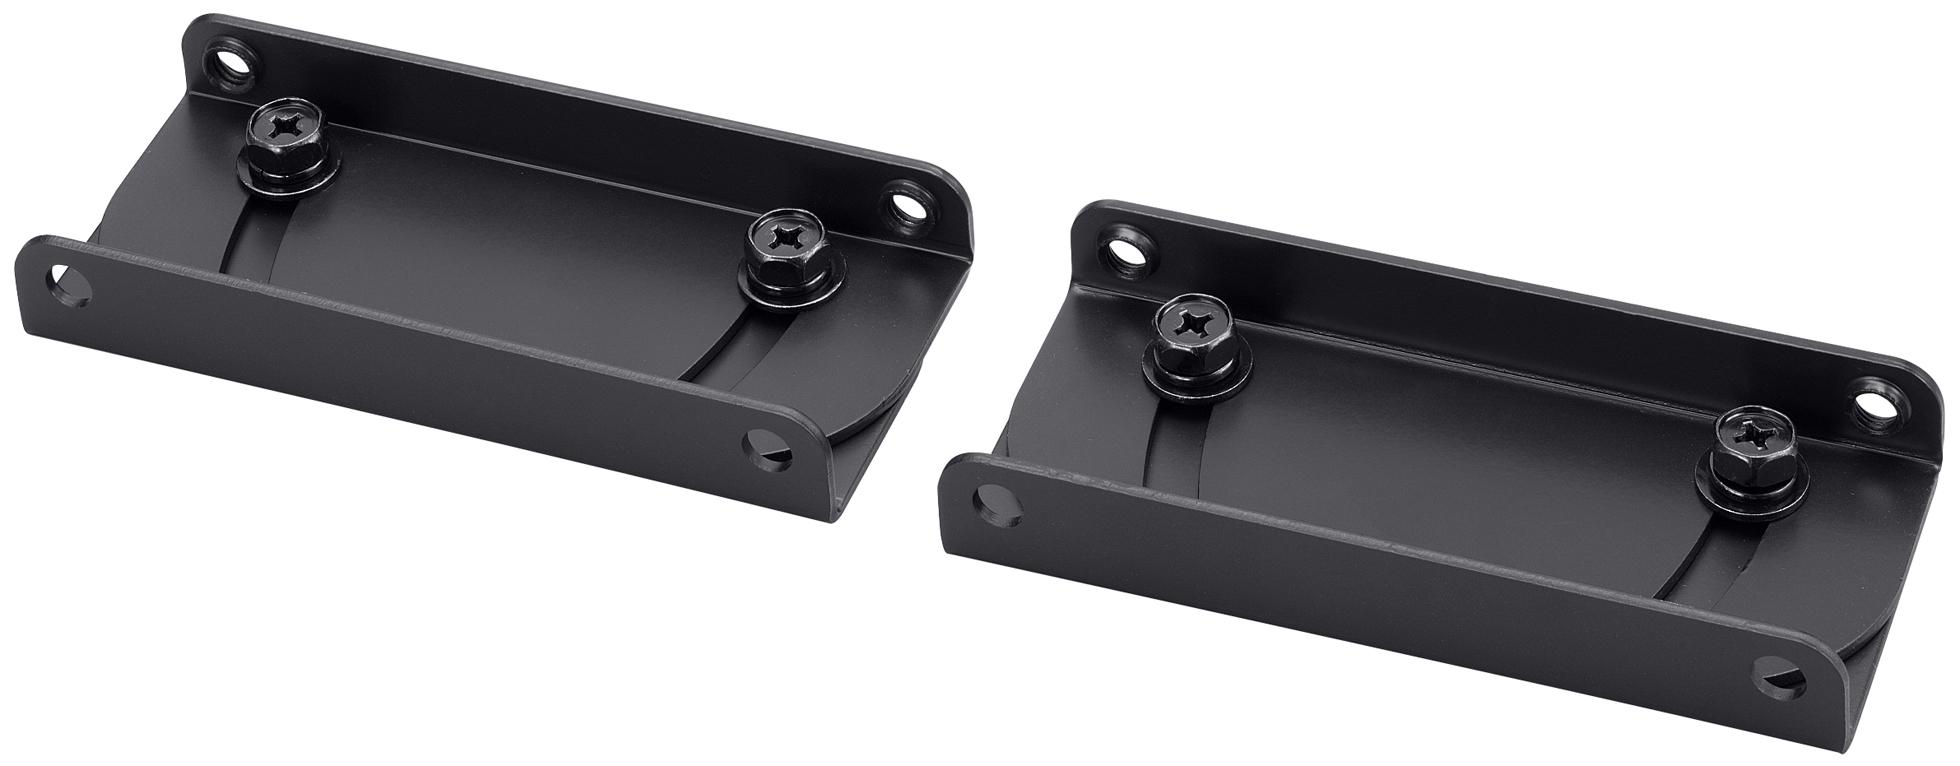 TOA HY-WM1B Wall Steel Black speaker mount